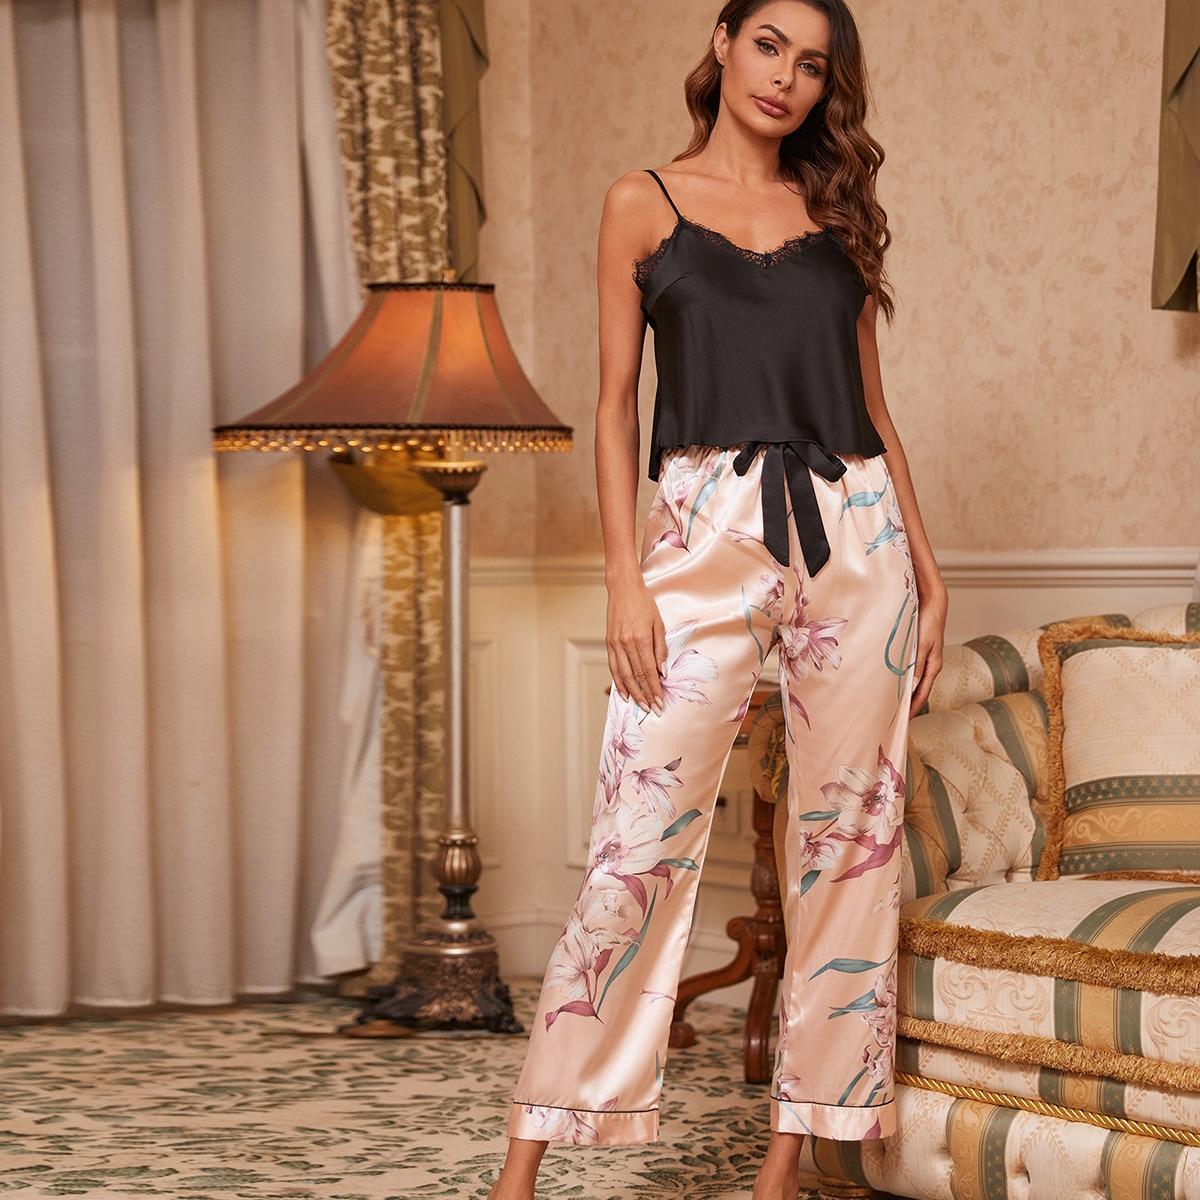 Conjunto de dormir top de tirantes con encaje en contraste con pantalones florales